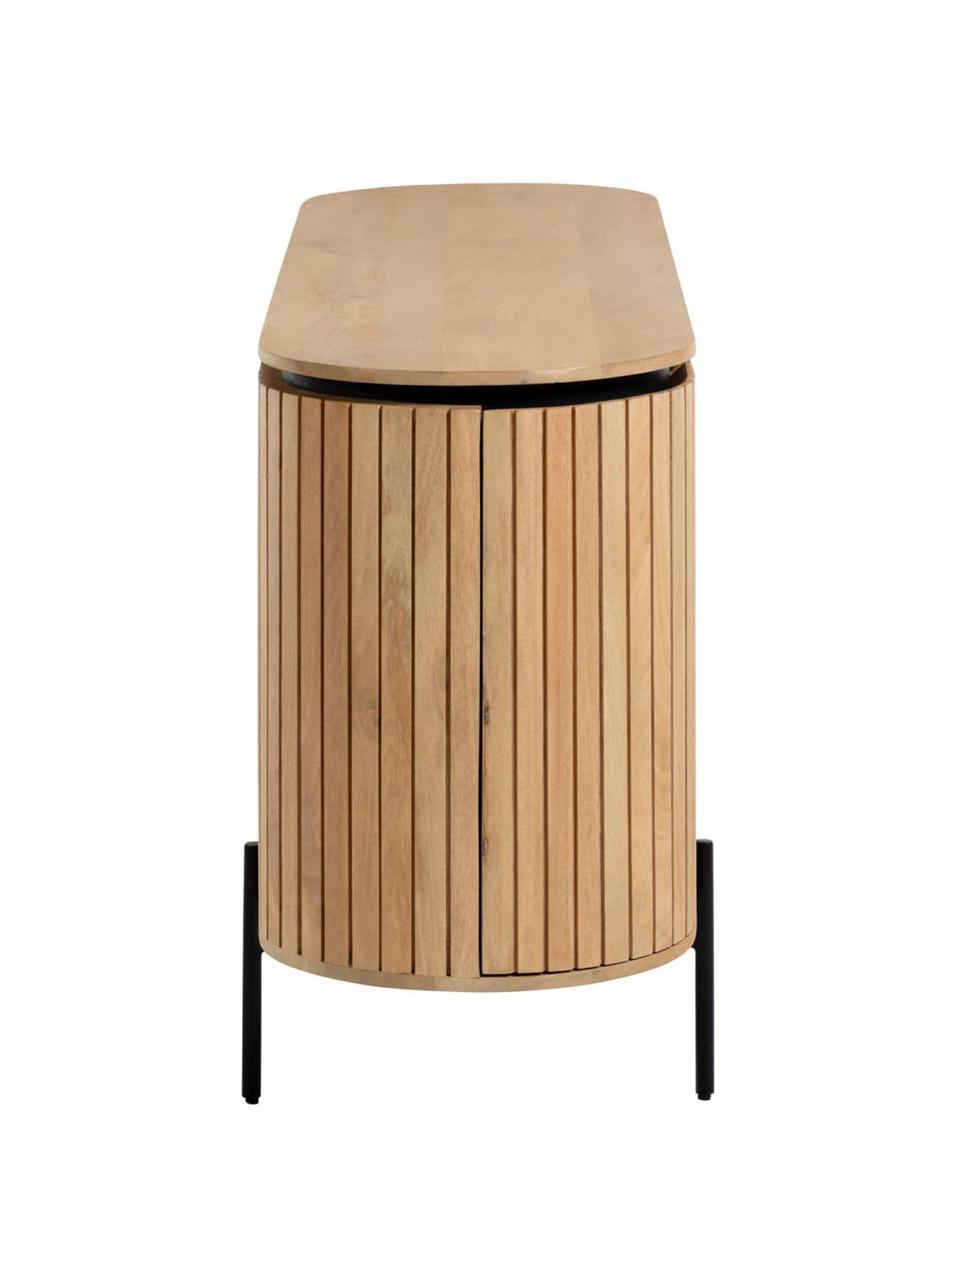 Komoda z litego drewna mangowego z drzwiczkami Licia, Korpus: drewno mangowe, polerowan, Nogi: metal lakierowany, Beżowy, czarny, S 170 x W 80 cm